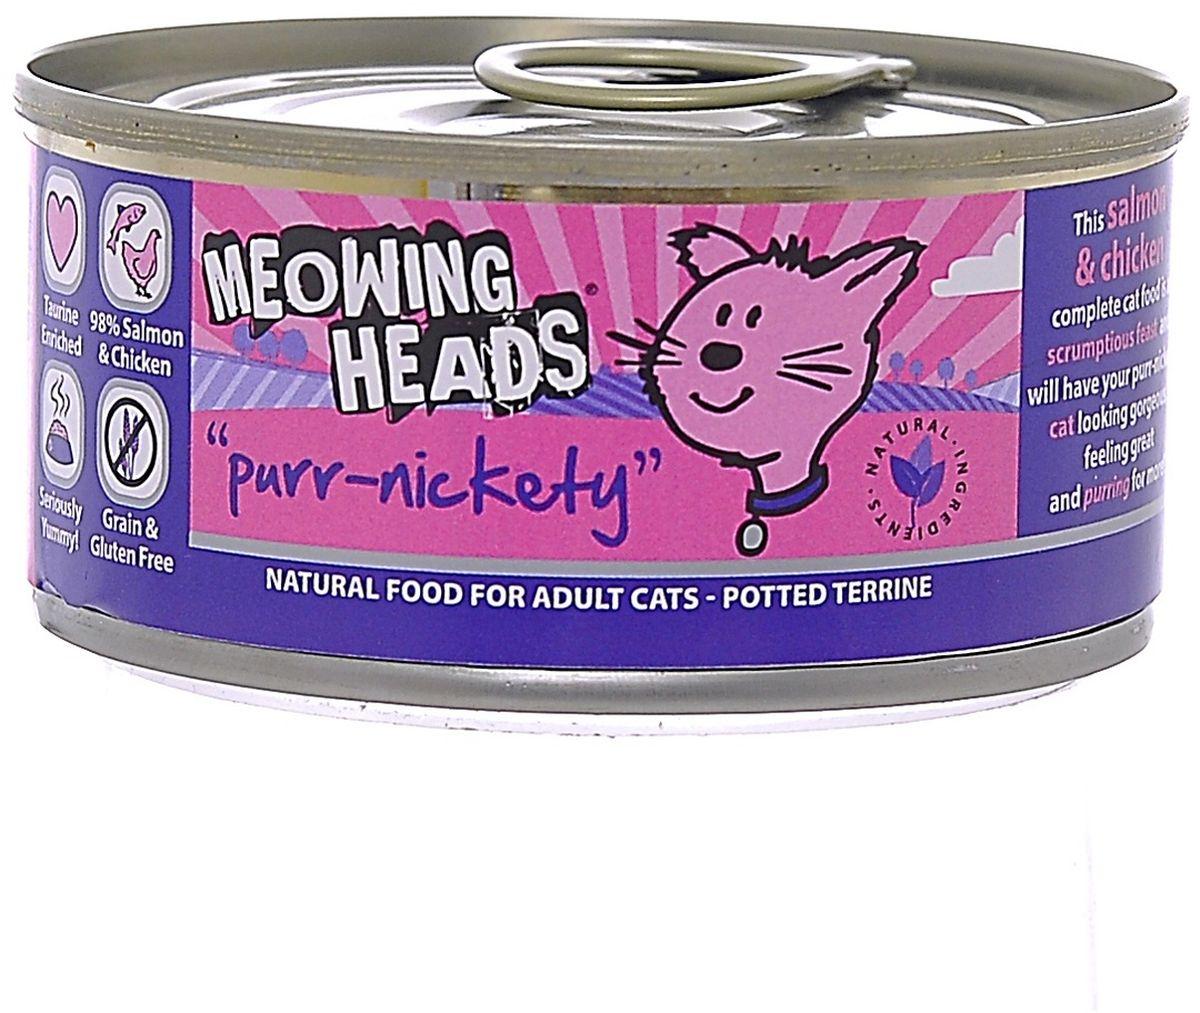 Консервы Barking Heads Мурлыка для кошек, с лососем, курицей и рисом, 100 г20653Консервы Barking Heads Мурлыка - это обед аристократа. Пусть питомец почувствует всю вашу любовь! Отличный вкус, нежный аромат натурального корма и заботливый хозяин рядом - что еще нужно счастливому питомцу! Консервы можно использовать в качестве полнорационного корма.Состав: 98% курицы и лосося ( 45% лосося, 28% курицы, 25% куриного бульона), минералы, лососевый жир, подсолнечное масло.Гарантированный анализ: белок 10.8%, жиры 6.7%, зола 2.5%, клетчатка 0.4%, влага 79%. Витамины (на кг): D3 200IU/кг, витамин E 30 мг/кг. Комплекс микроэлементов: моногидрат сульфата цинка 15 г, моногидрат сульфата марганца 3 г, иодат кальция 0.75 мг.Товар сертифицирован.